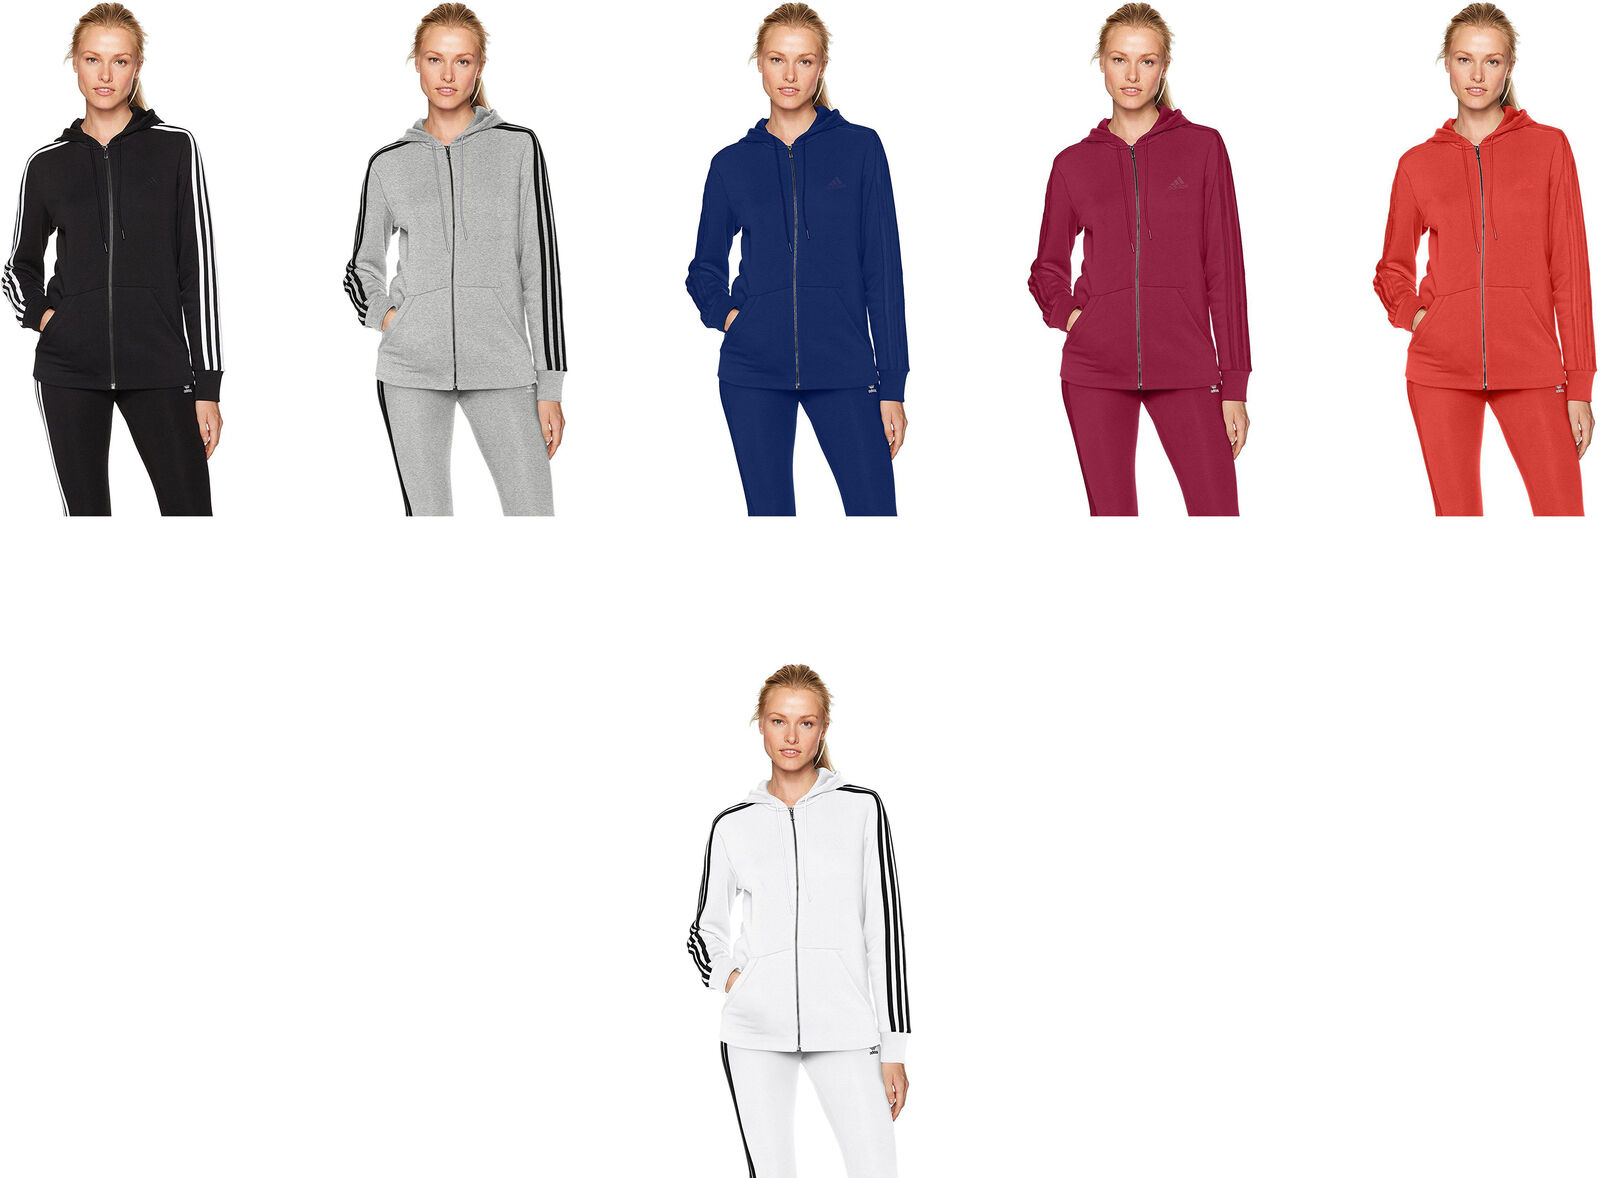 Adidas Women's Essentials Cotton Fleece 3-Stripe Full Zip Hoodie, 6 colors